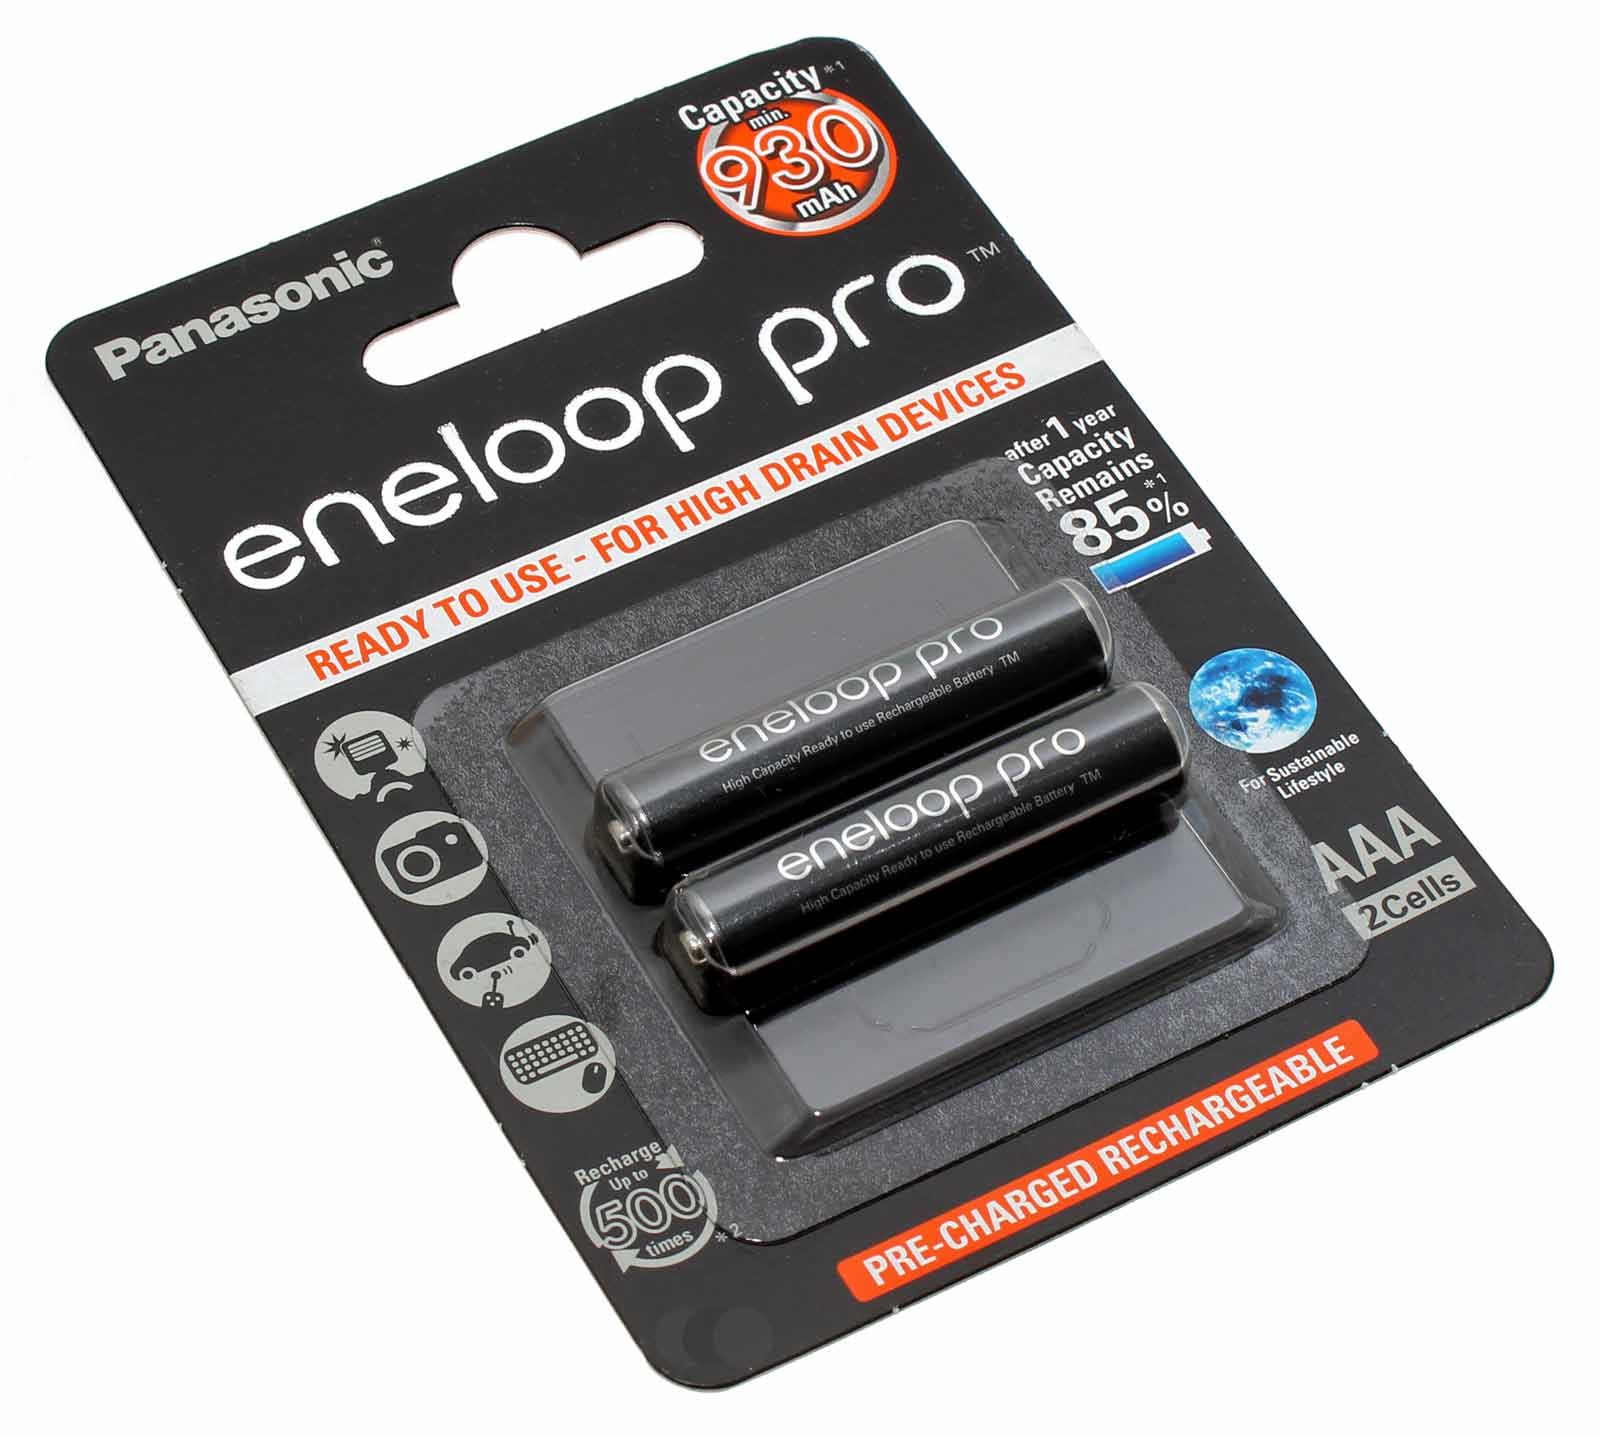 2 Stück Panasonic (ehemals Sanyo) eneloop pro AAA HR03 Micro Akku, NiMH mit 1,2 Volt und 930mAh Kapazität, Teilenummer BK-4HCDE/2BE